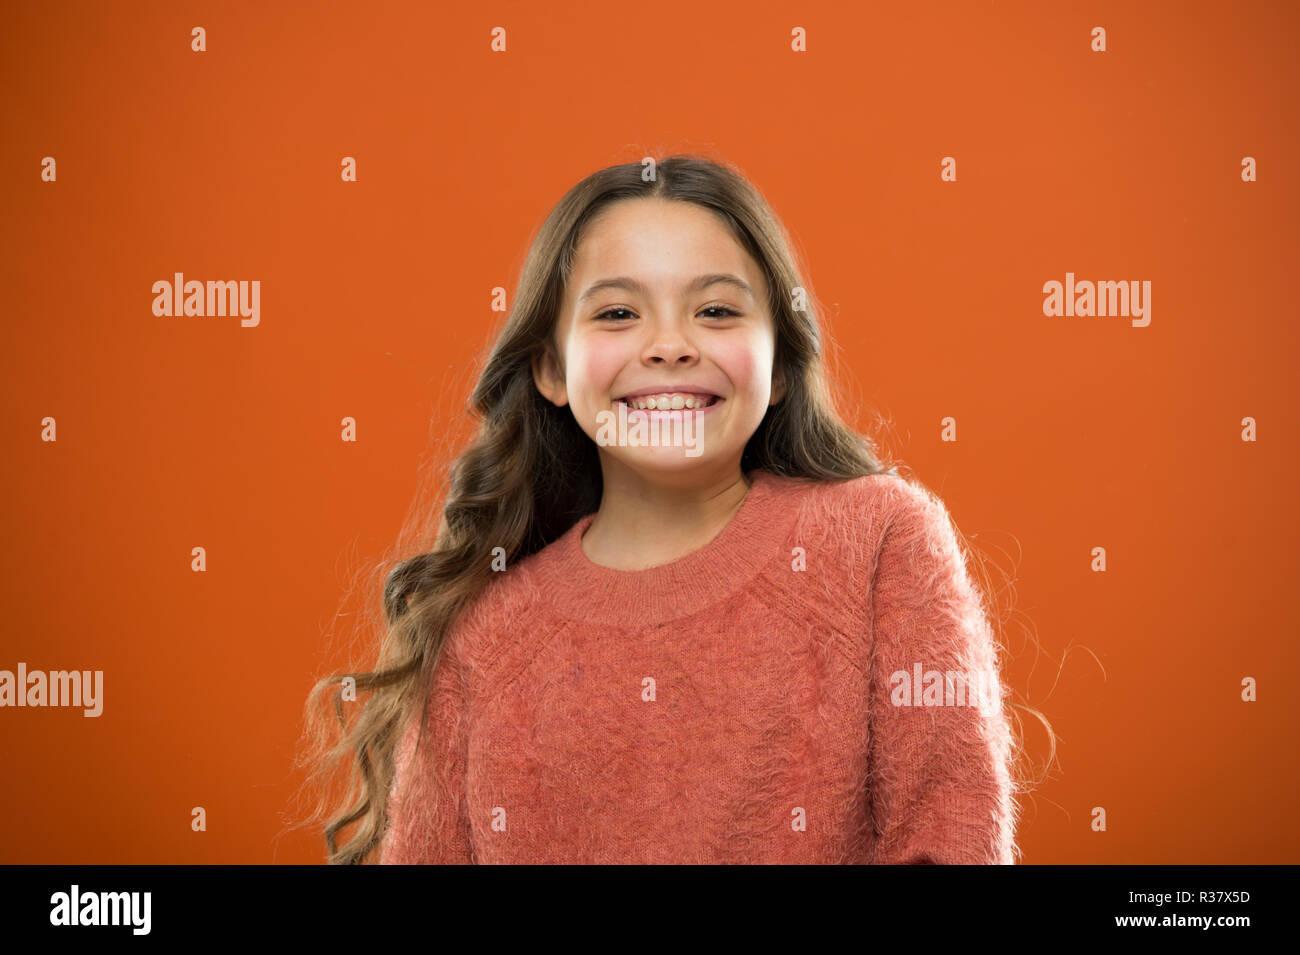 ¿Cuál es la diferencia entre el falso y sincera sonrisa. Chica lindo hijo feliz cara sonriente. Lo que la ciencia tiene que decir sobre la verdadera y falsa sonrisa. Cabello largo niño feliz sonriendo. Infancia feliz concepto. Imagen De Stock